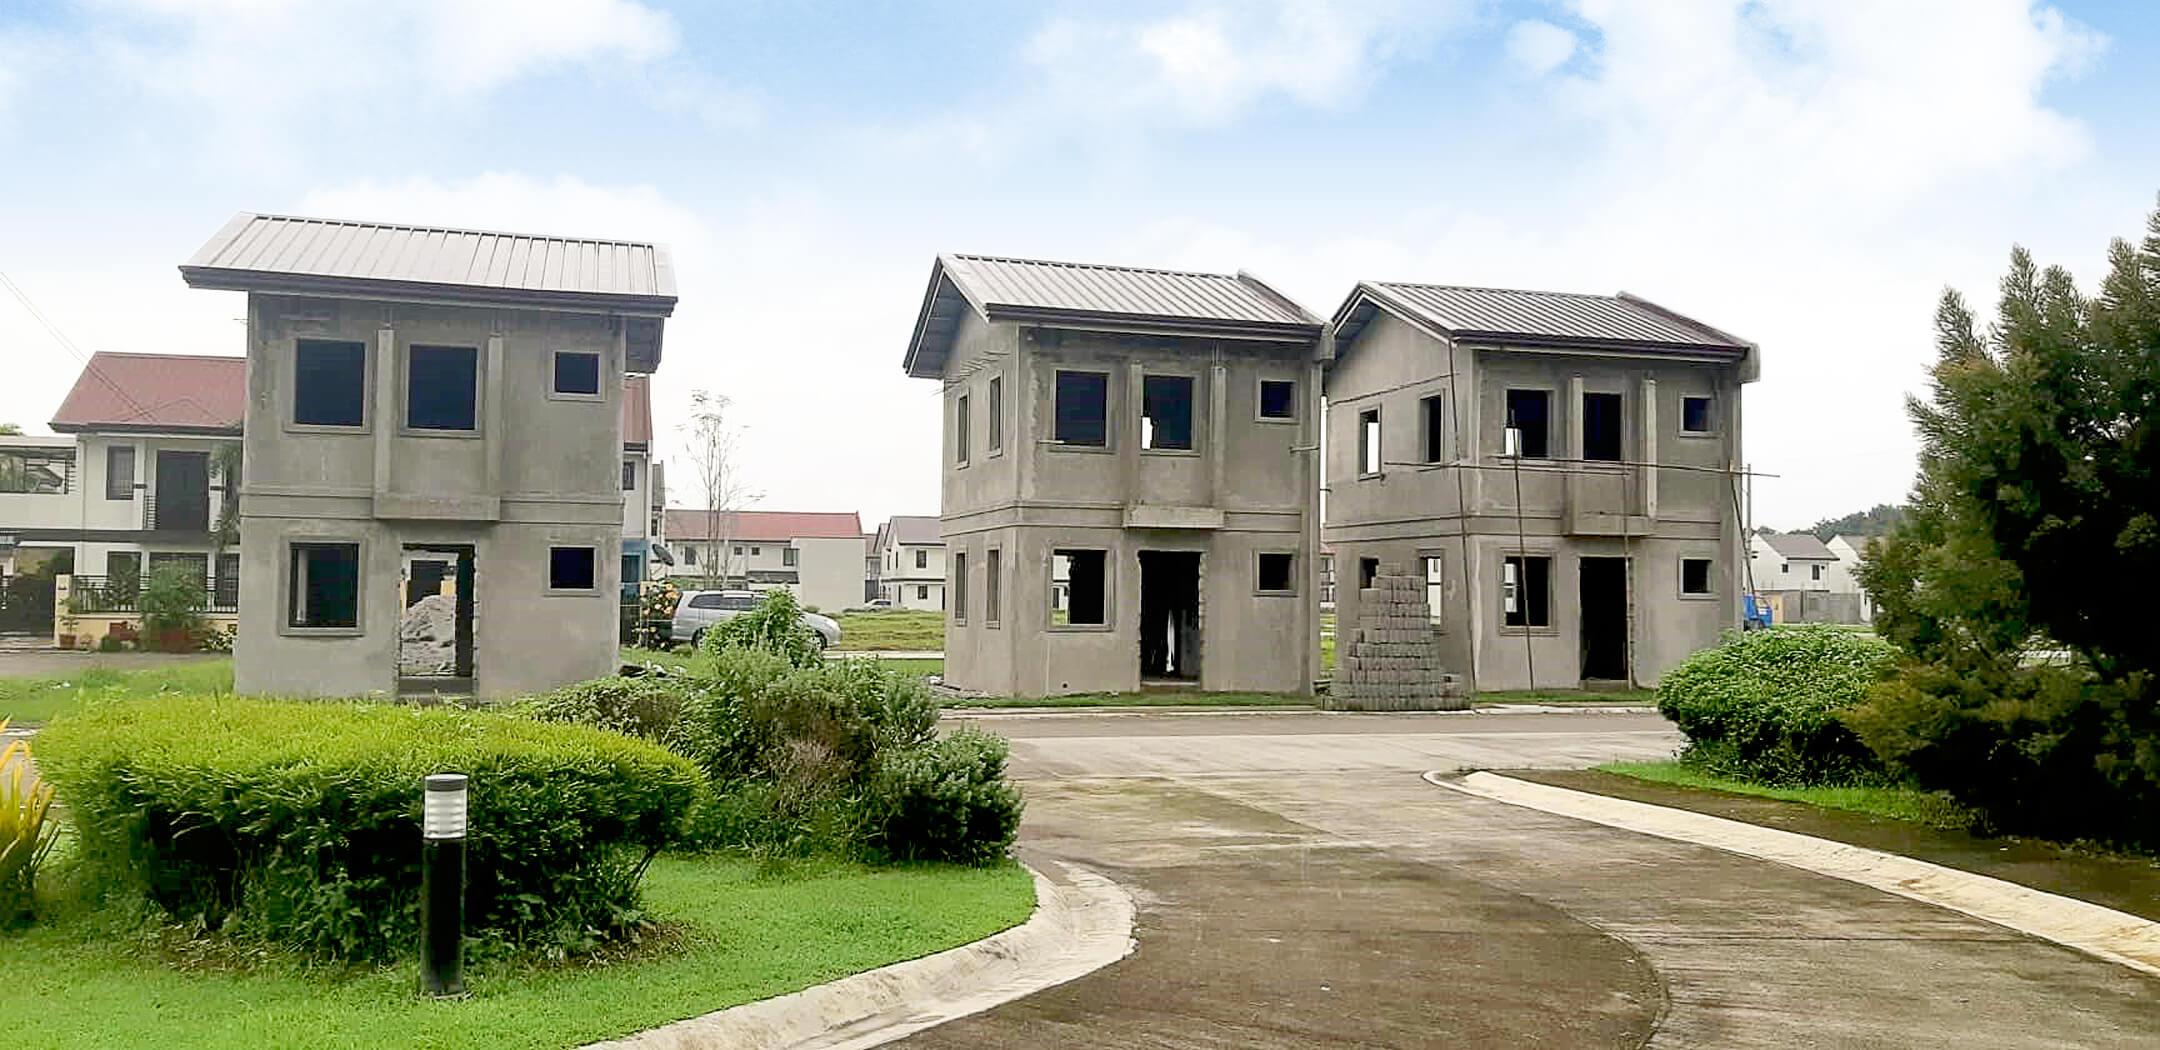 Pampanga - model houses